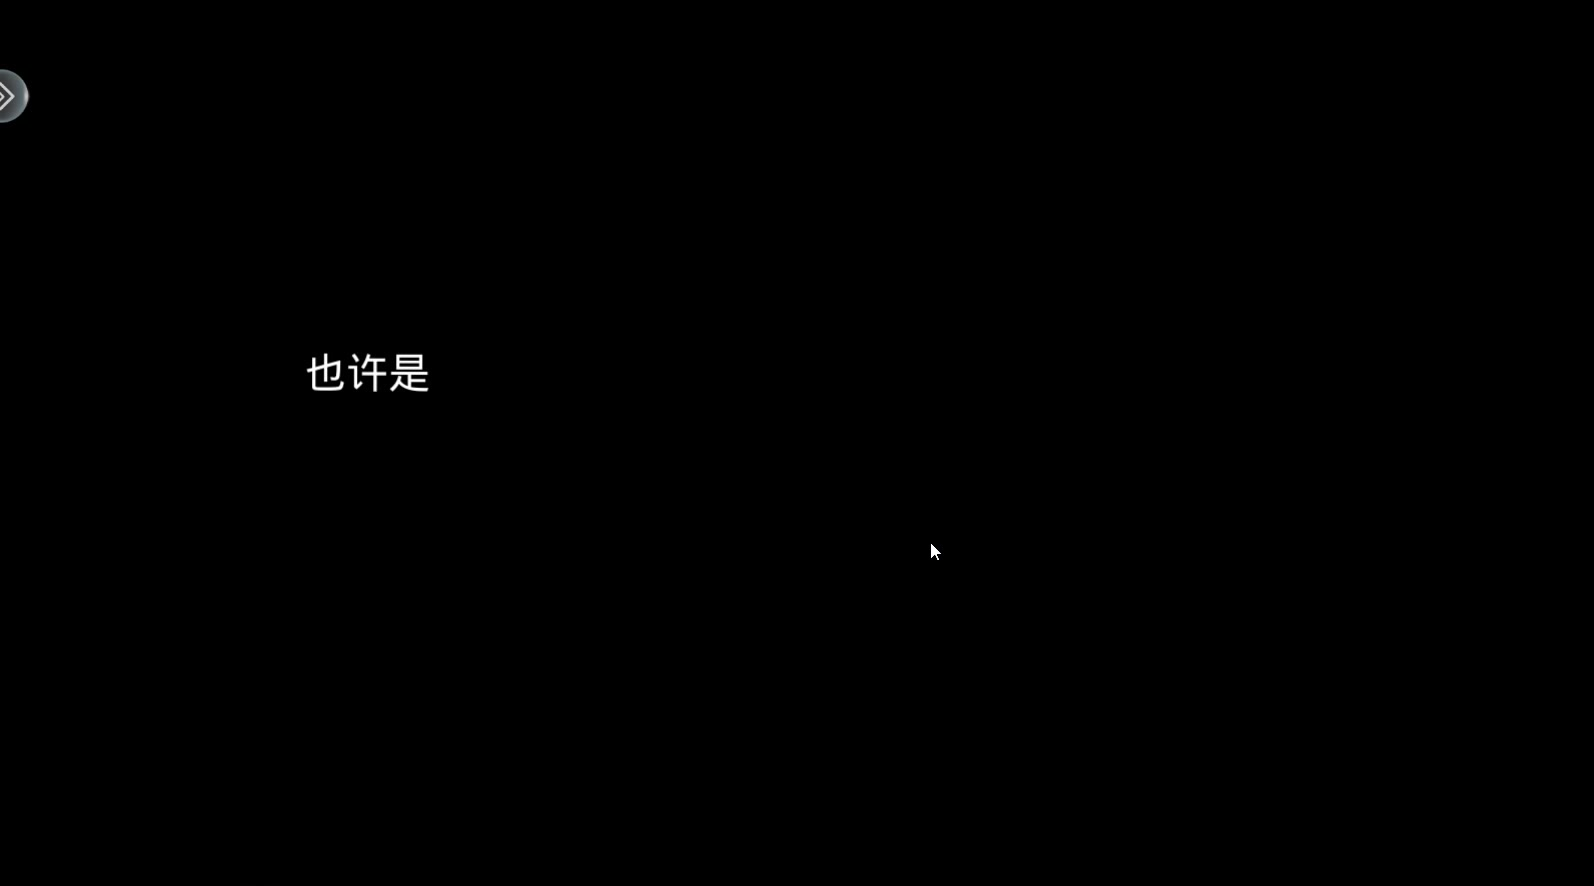 3分钟试玩实录:《密室逃脱绝境系列9无人医院》手游1月1日开测